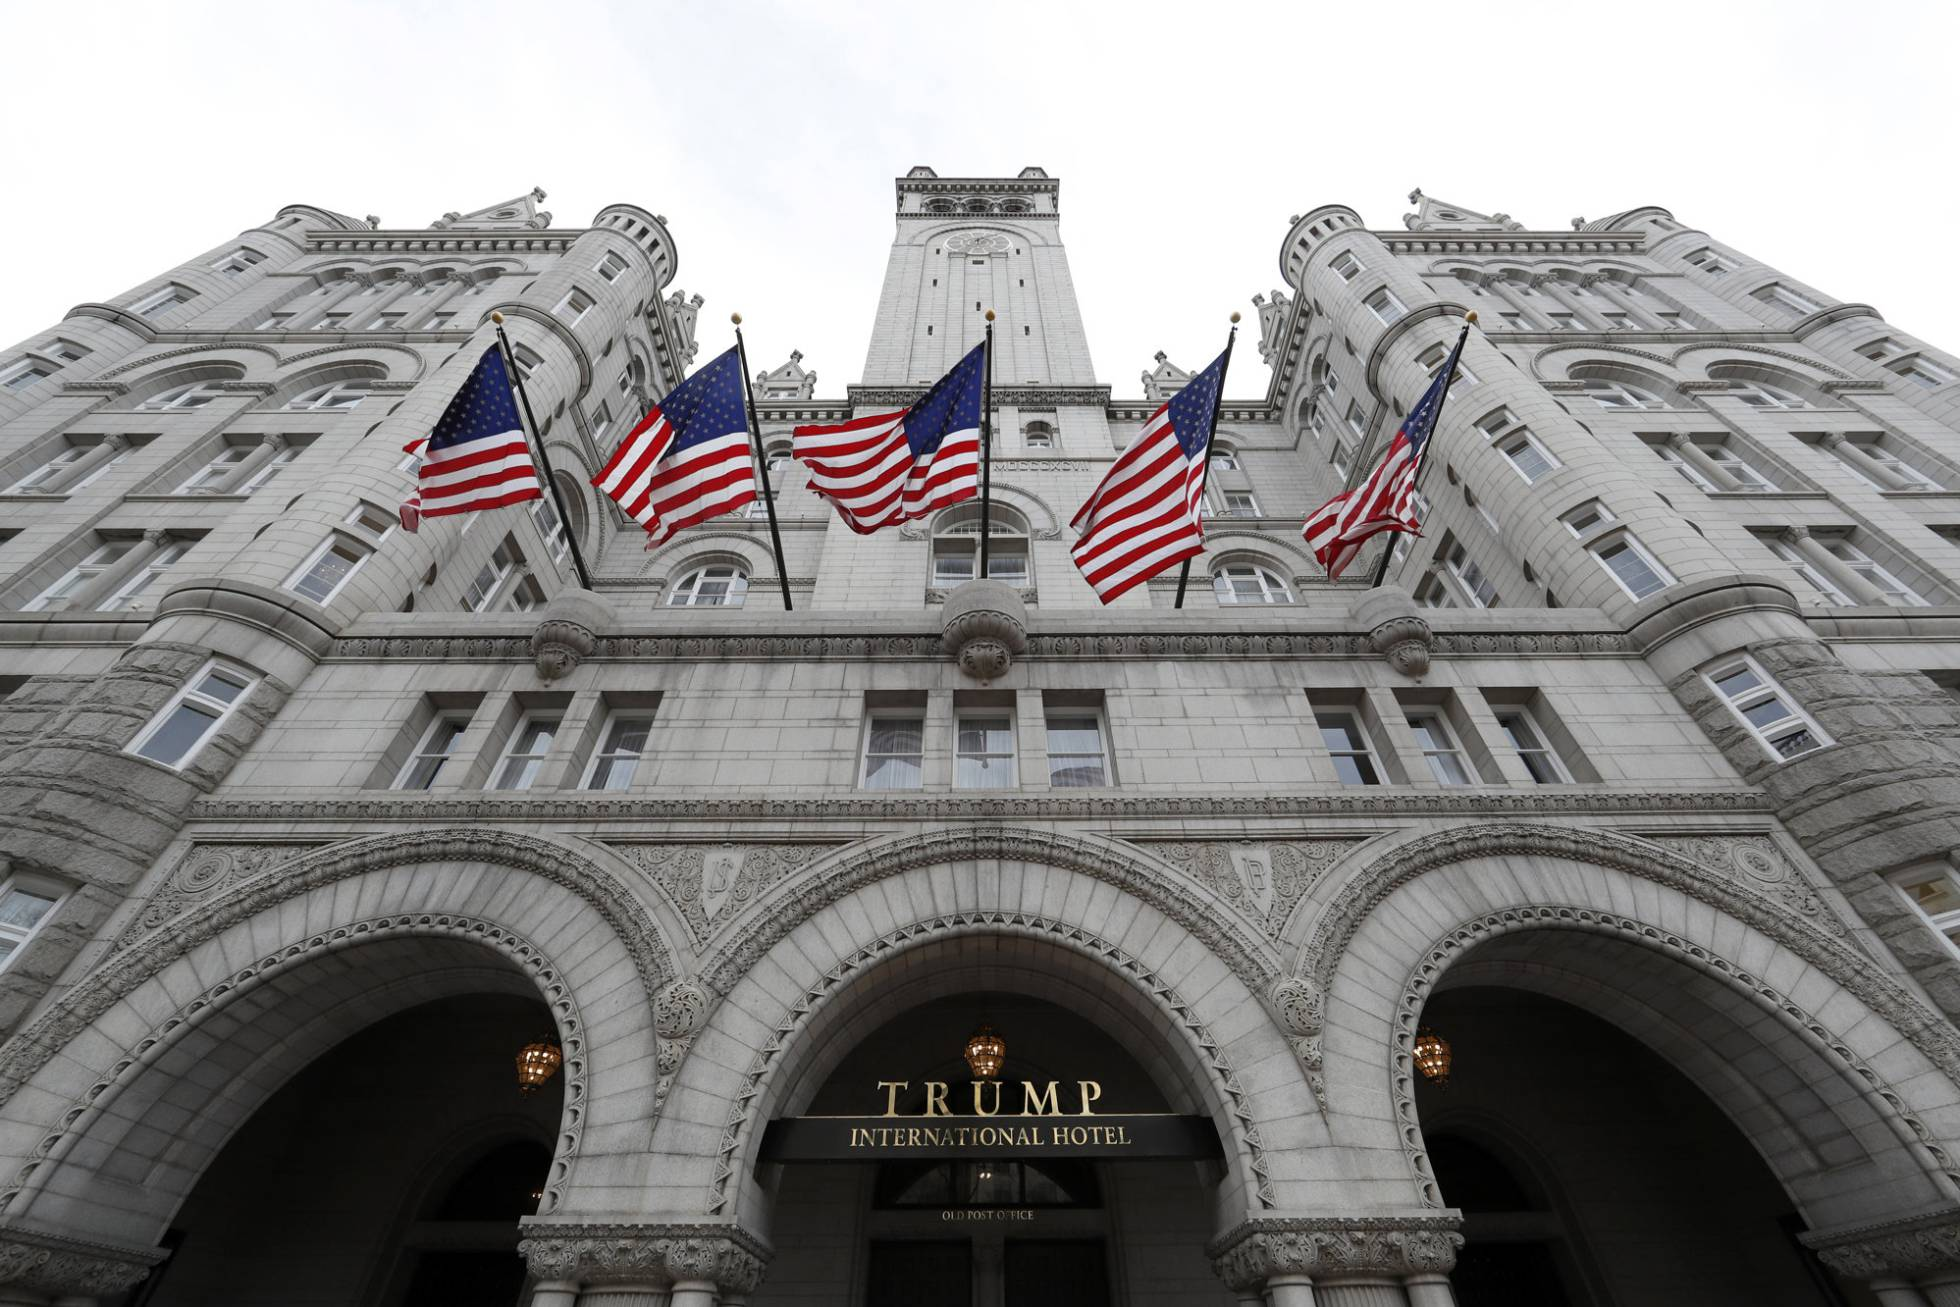 Lobistas de Arabia Saudí financiaron 500 noches en el hotel Trump tras las elecciones de 2016